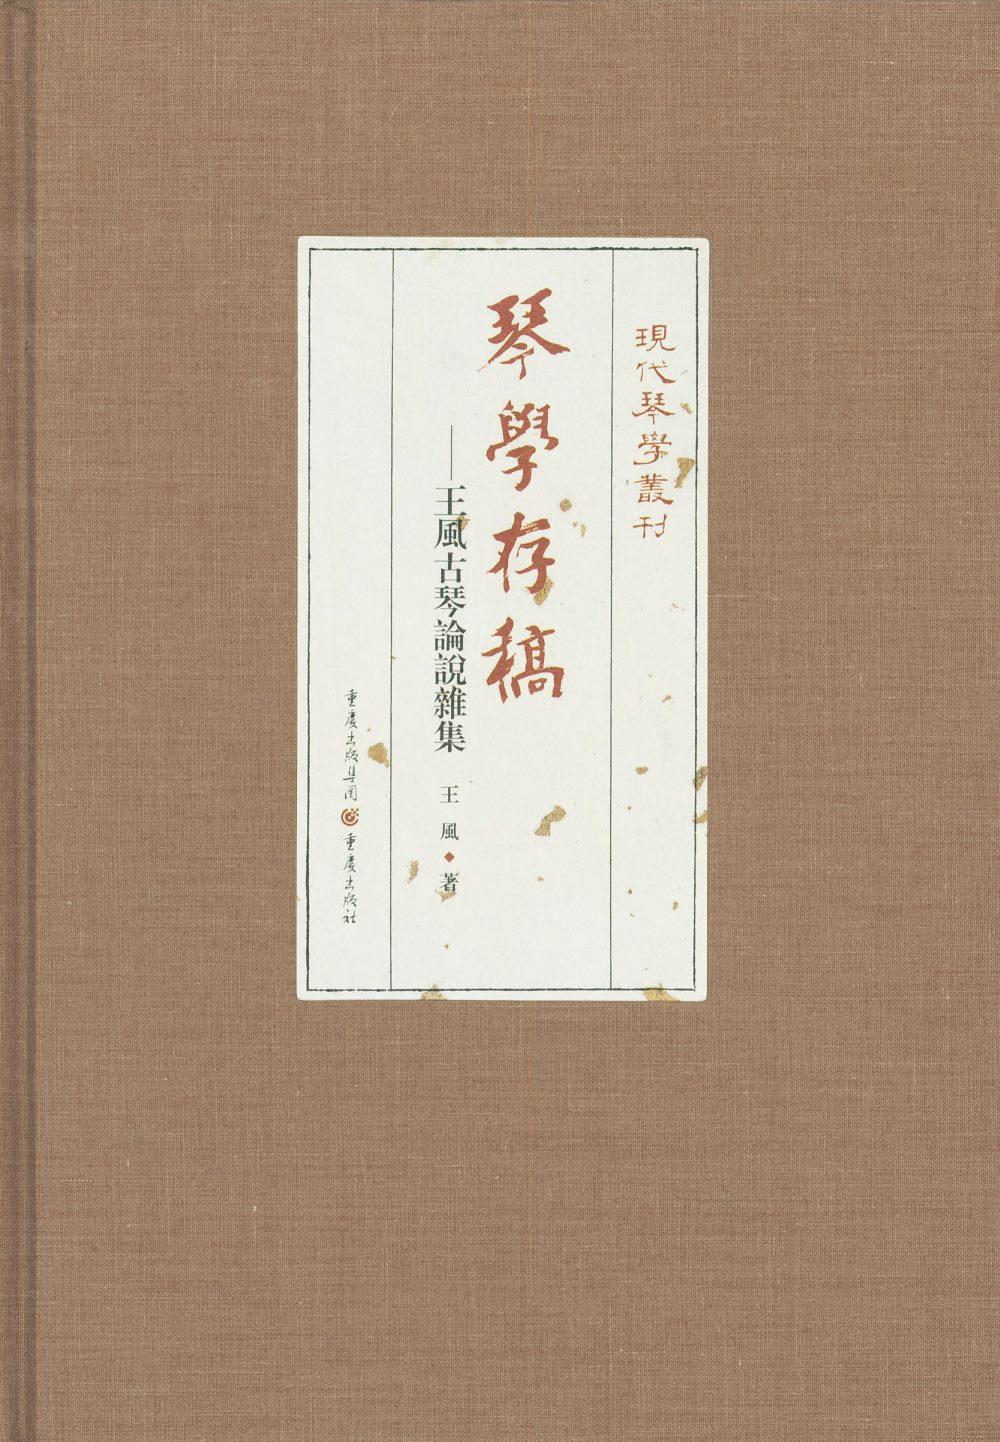 琴學存稿:王風古琴論說雜集